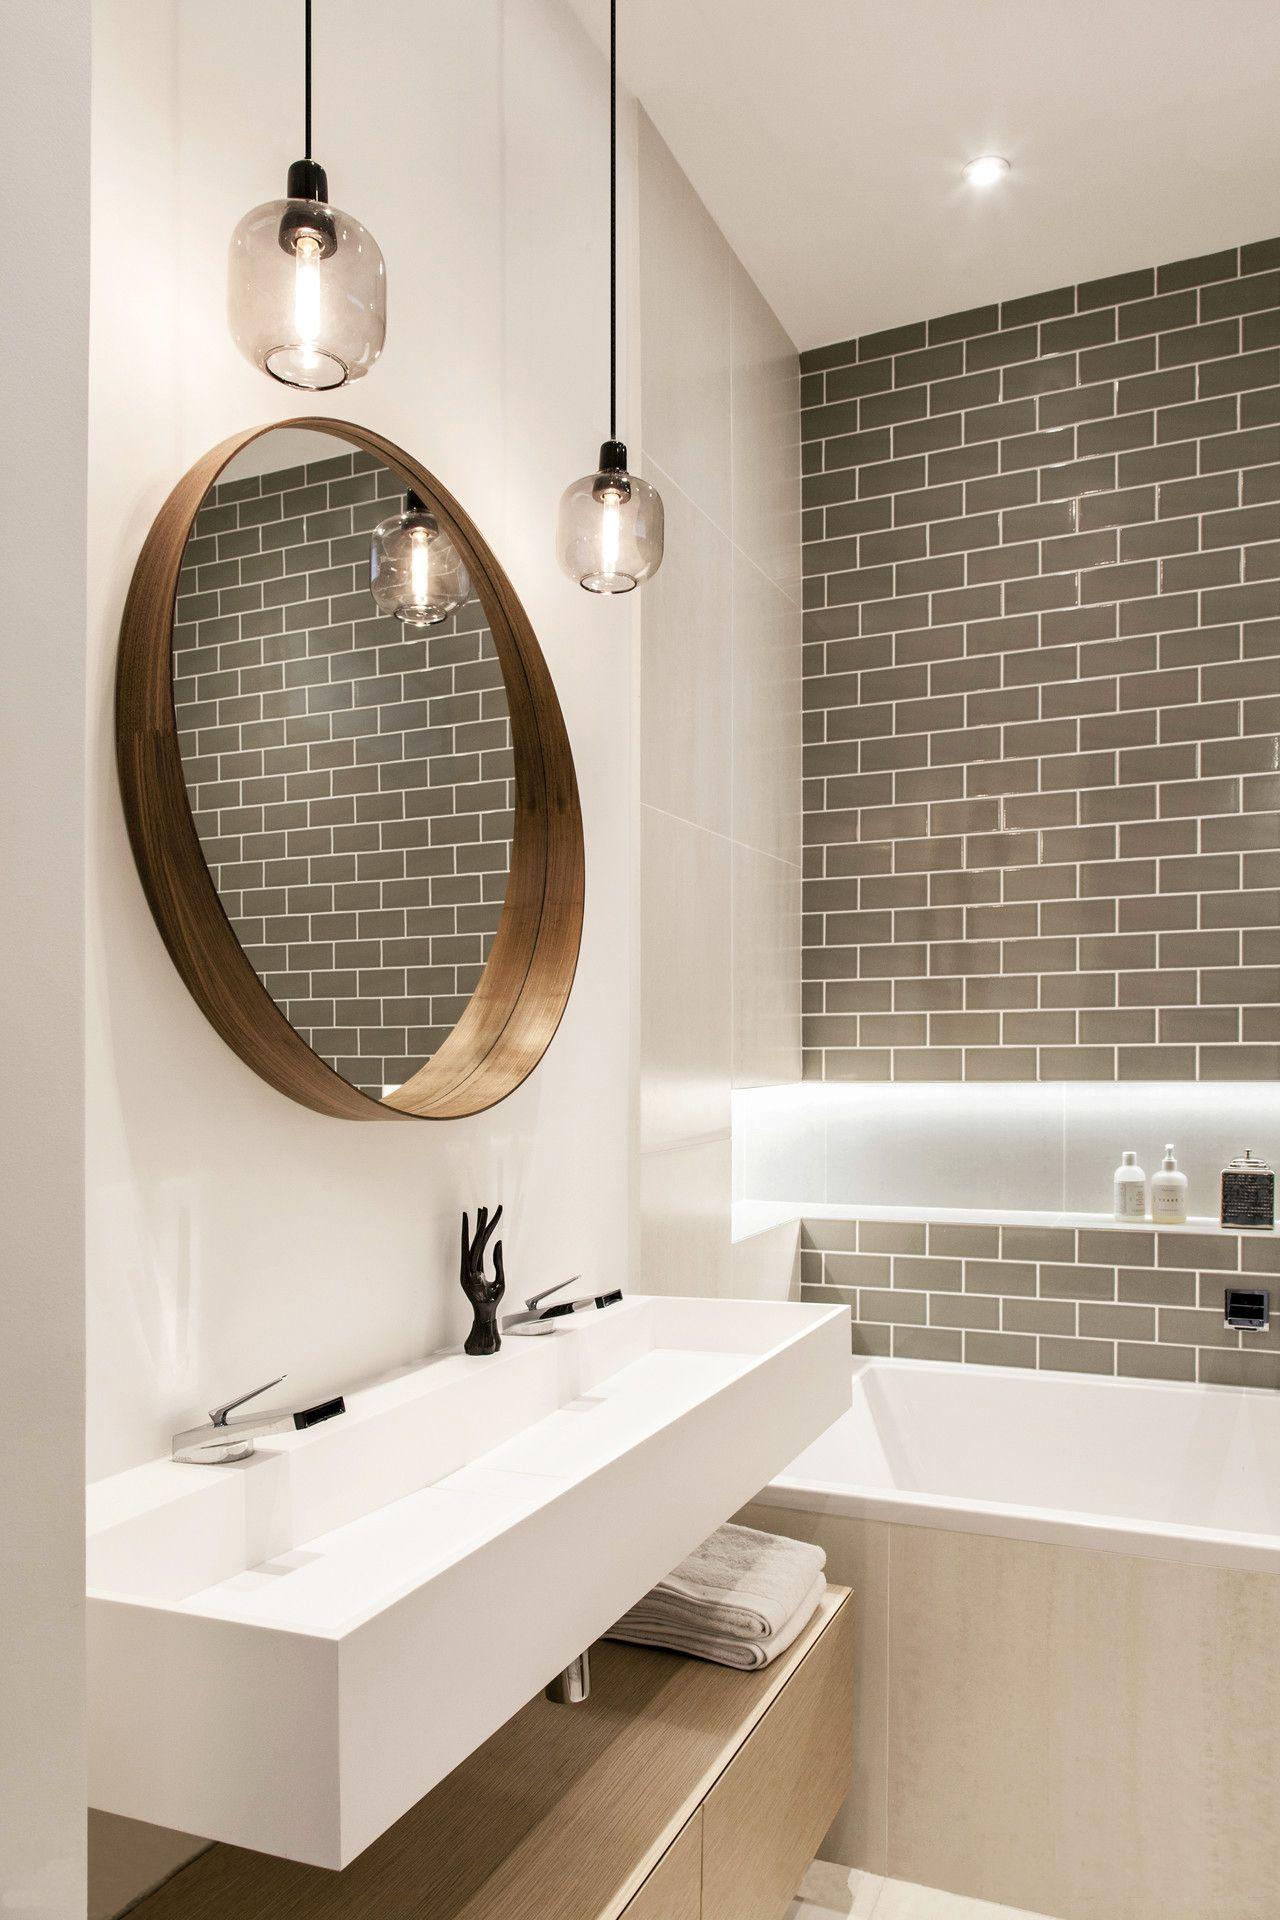 Le charme de l'haussmannien - A quelques pas du Parc Monceau ... on bathroom tile ideas, bathroom cabinet designs, bathroom makeover for small bathrooms, bathroom themes, bathroom design ideas, bathroom decor, bathroom decorating, bathroom cabinets for small bathrooms, hgtv small bathrooms, bathroom trends, bathroom shower designs, bathroom shower ideas for small bathrooms, bathroom designs for small spaces, interior designs for small bathrooms, bathroom color ideas, bathroom color designs, terrace designs for small bathrooms, bathroom remodeling, tile designs for bathrooms, bathroom layouts,